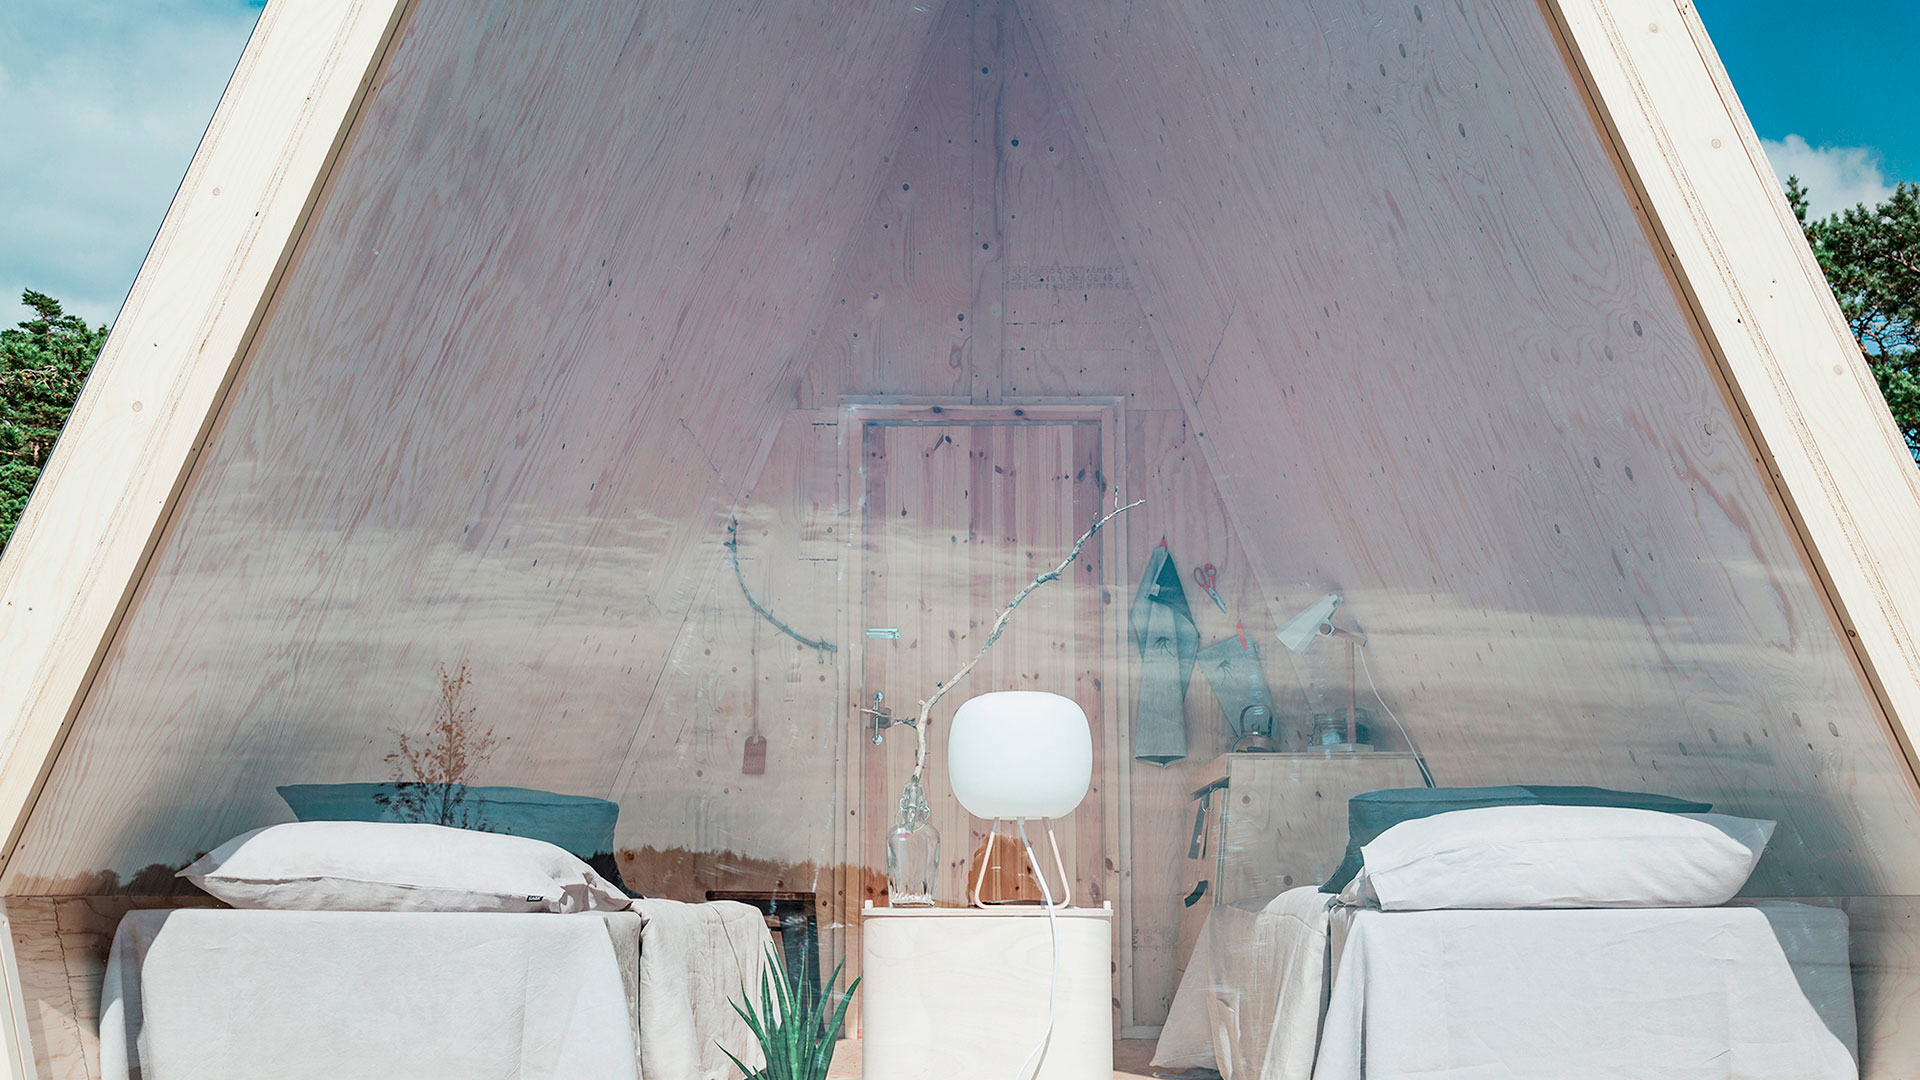 Imagen de Nolla la vivienda en forma de cabina diseñada por Robin Falck